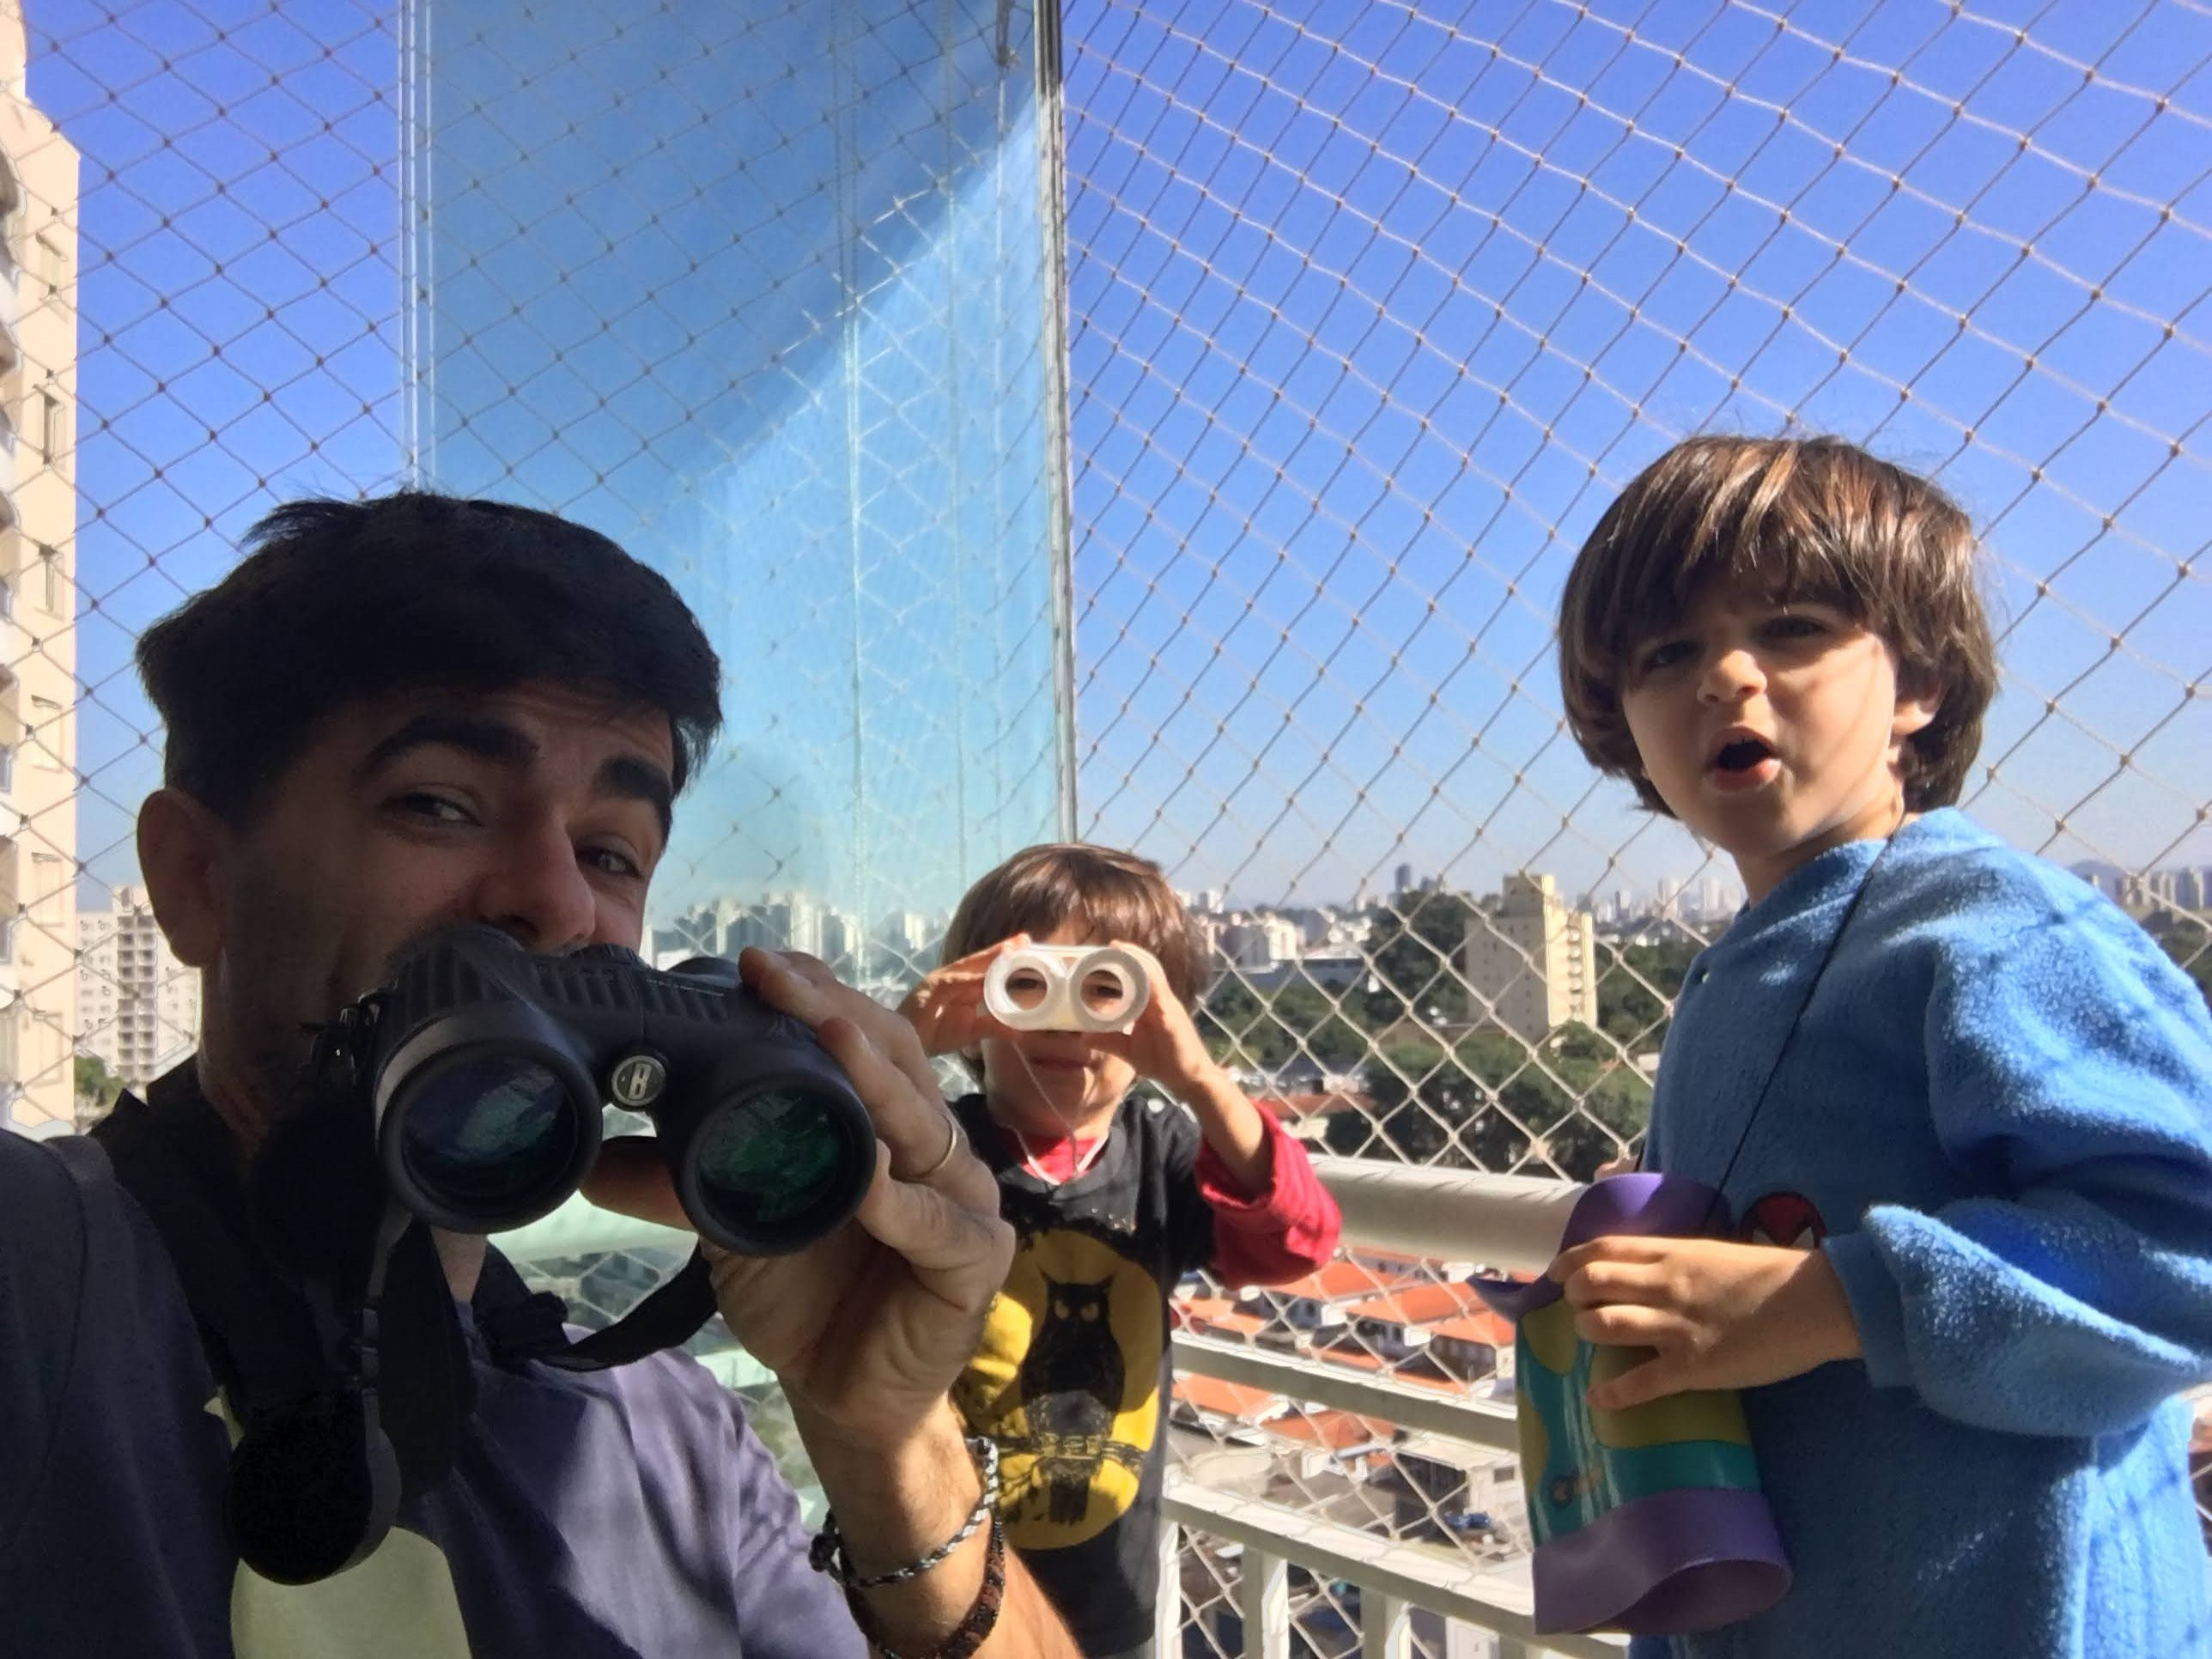 Um adulto e duas crianças estão na sacada, com tela, de uma apartamento. Cada um tem em mãos um binóculo.